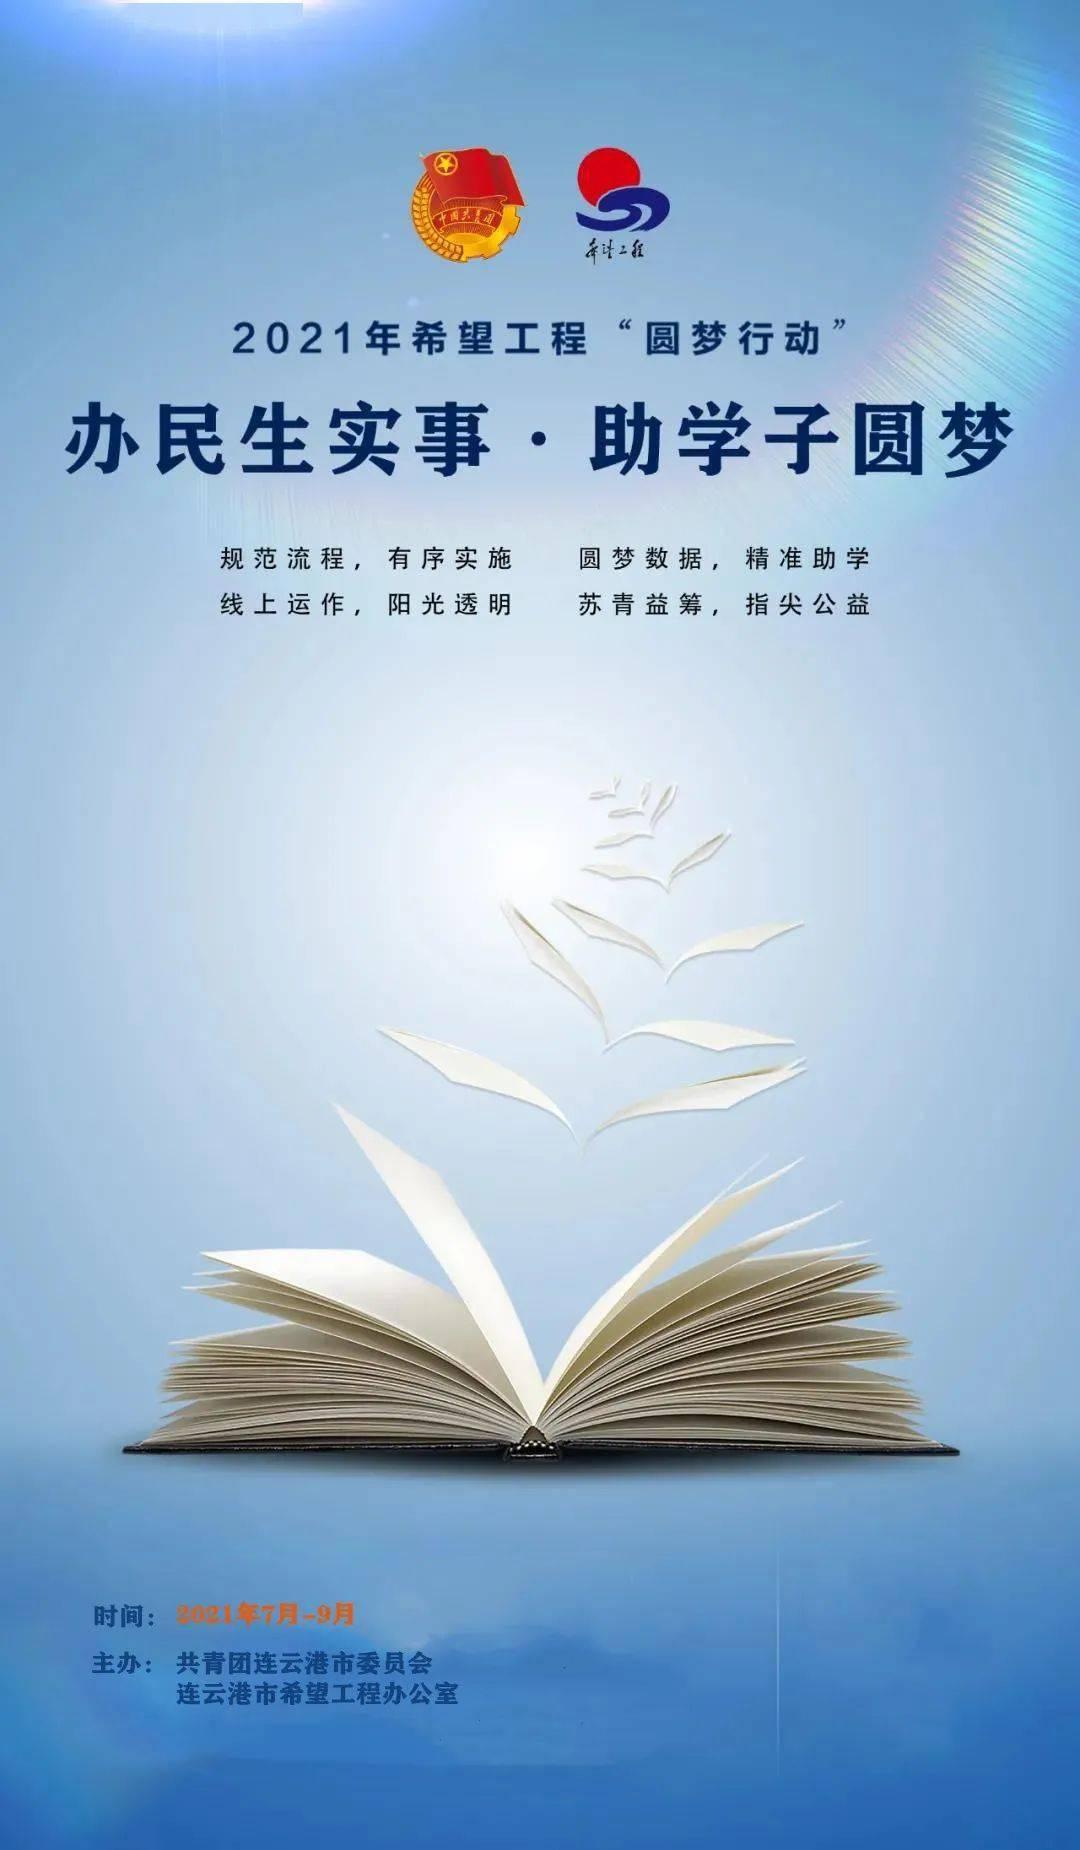 """我为青少年办实事 连云港市2021年希望工程""""圆梦行动""""邀您一起助力!"""